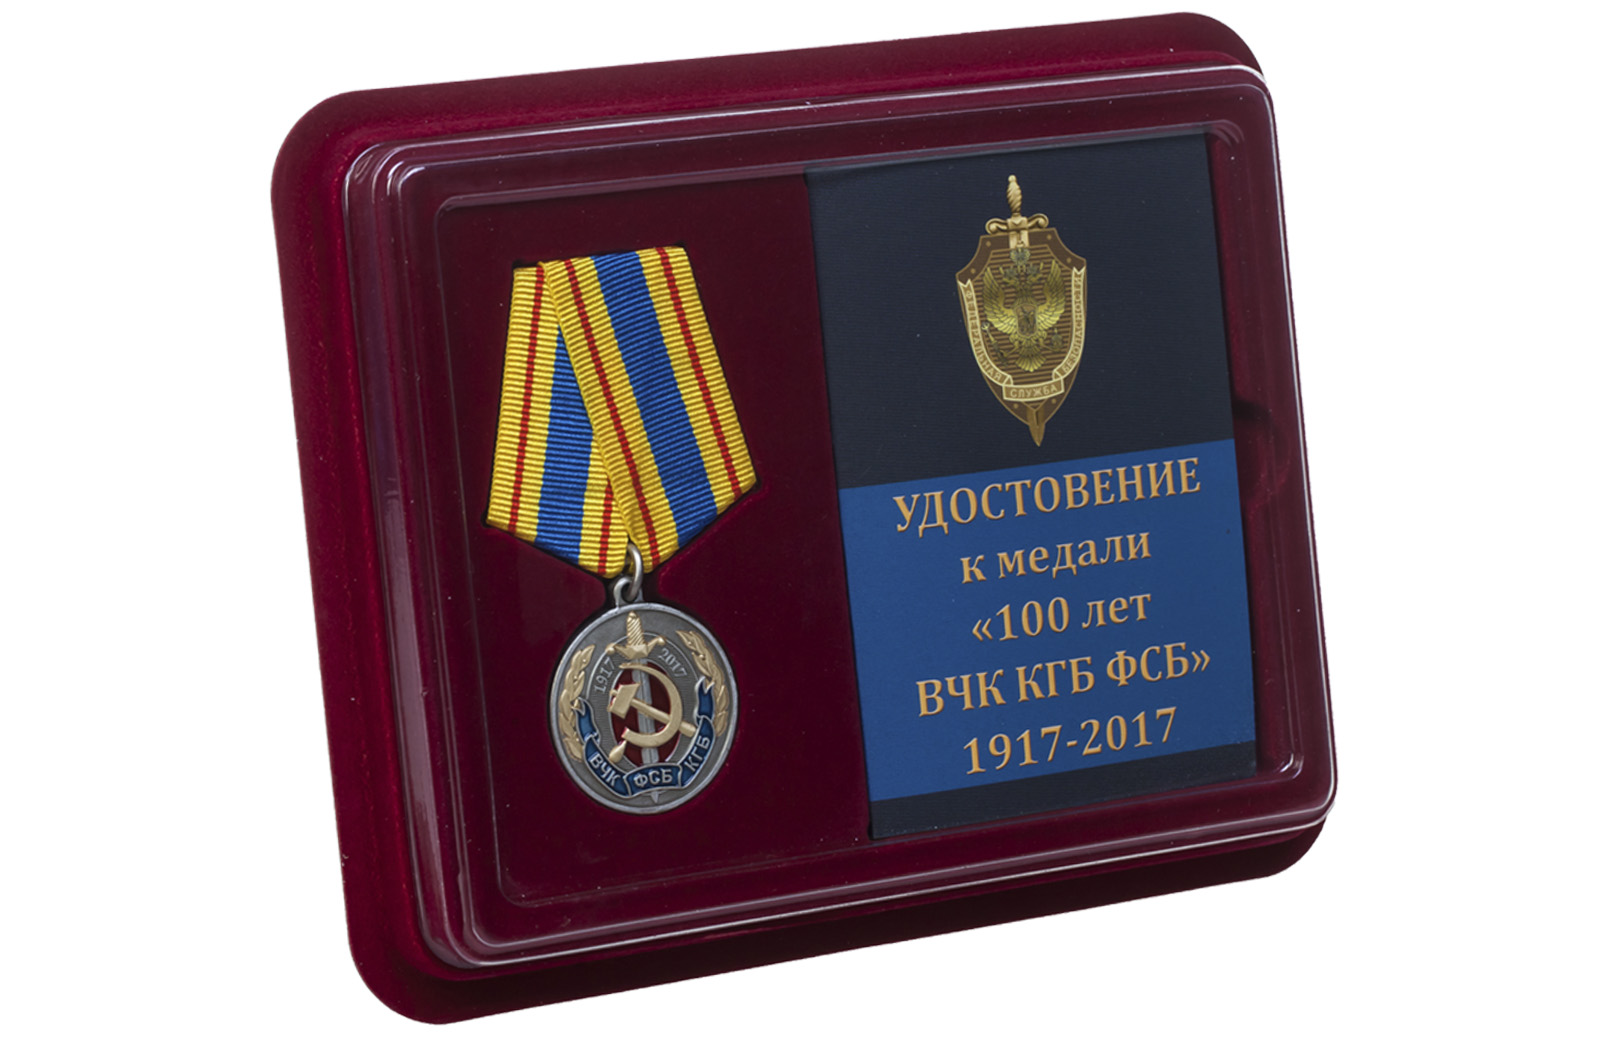 Медаль 100 лет ВЧК-КГБ-ФСБ - в футляре